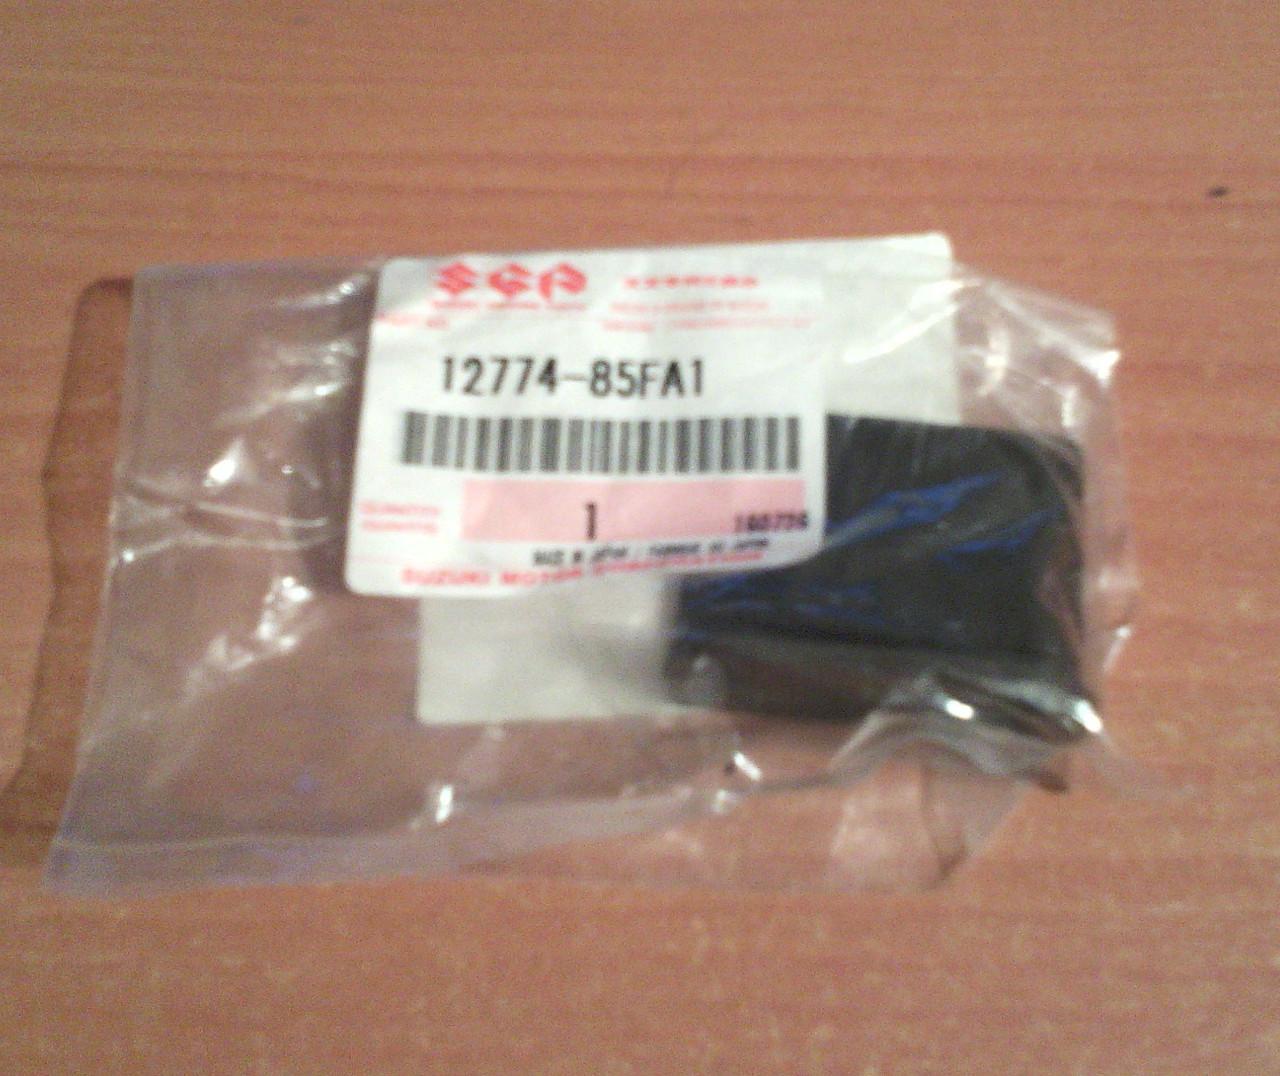 Успокоитель лв цепи ГРМ №4 (малый)  оригинал Suzuki 12774-85FA1